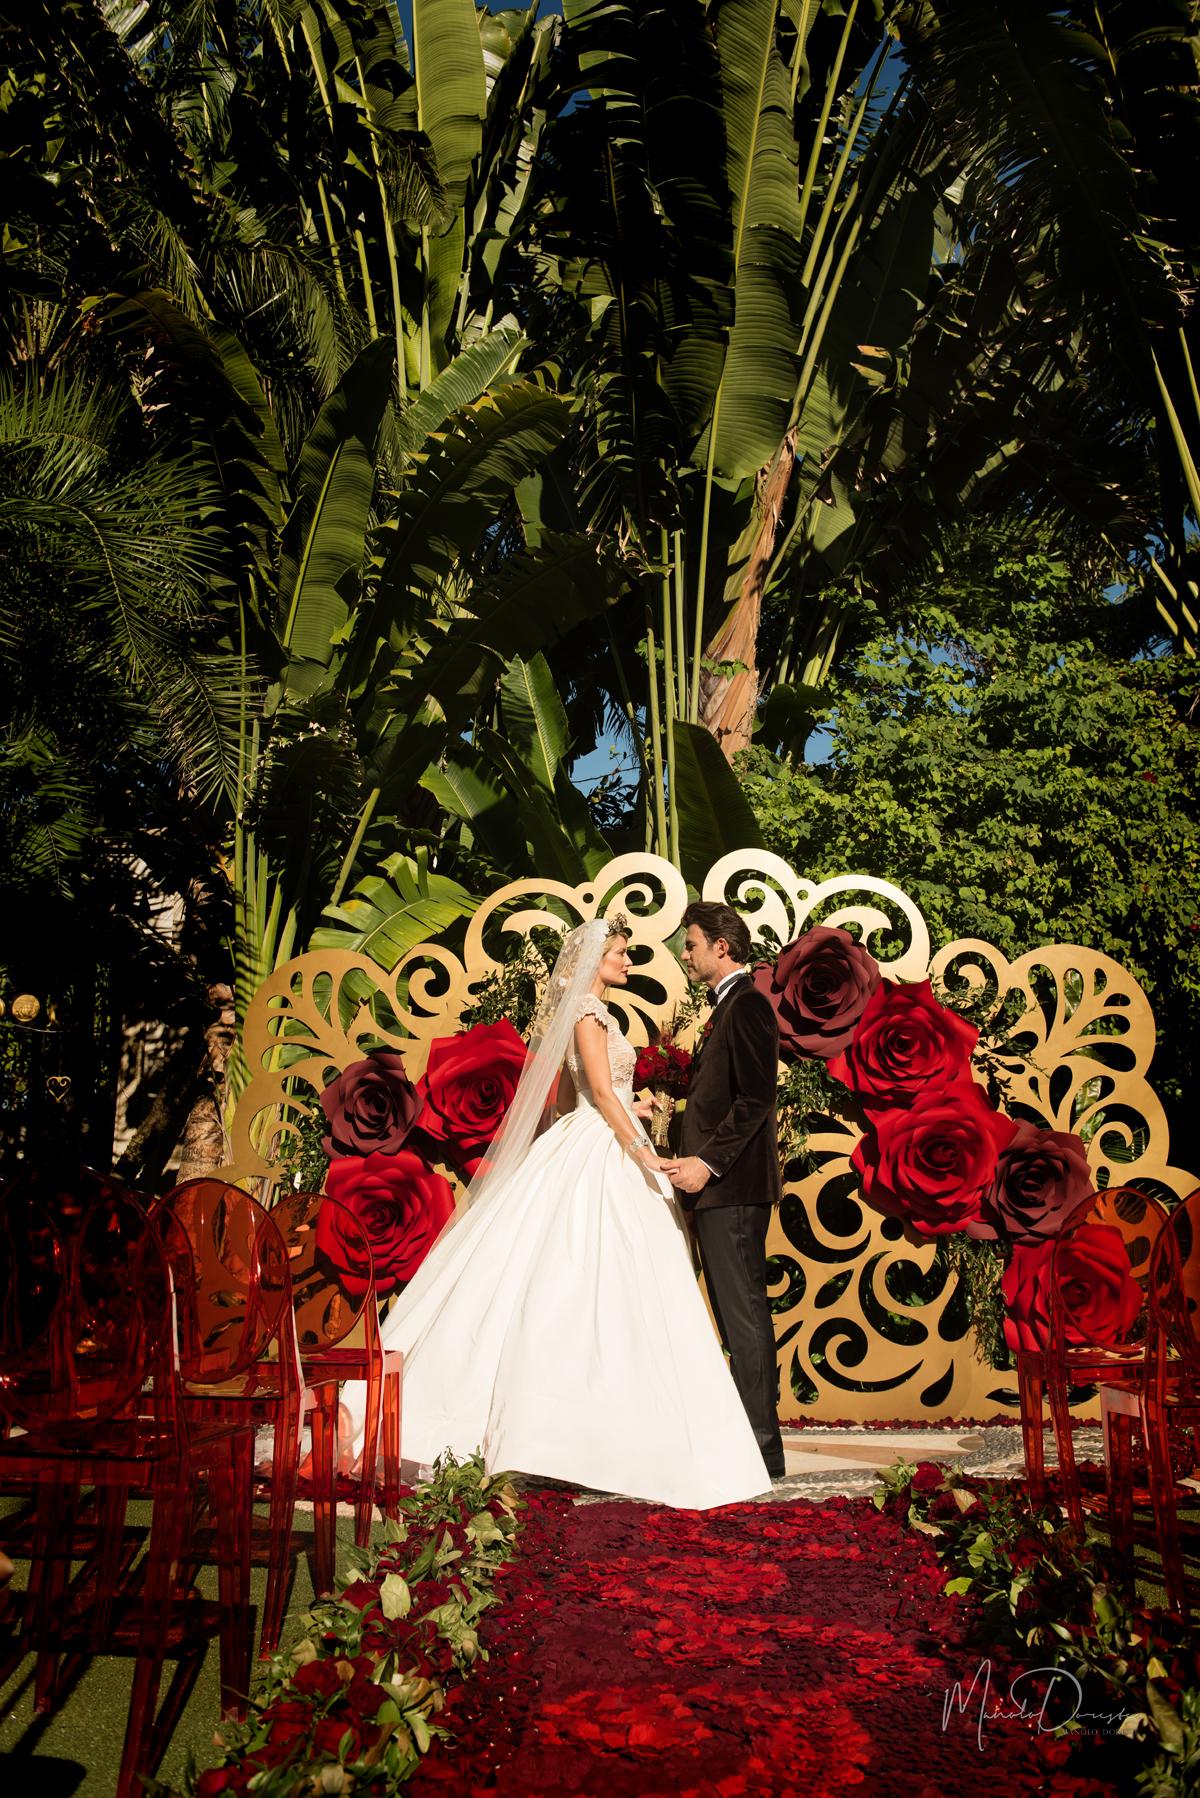 versace-mansion-wedding-manolo-doreste-17.jpg